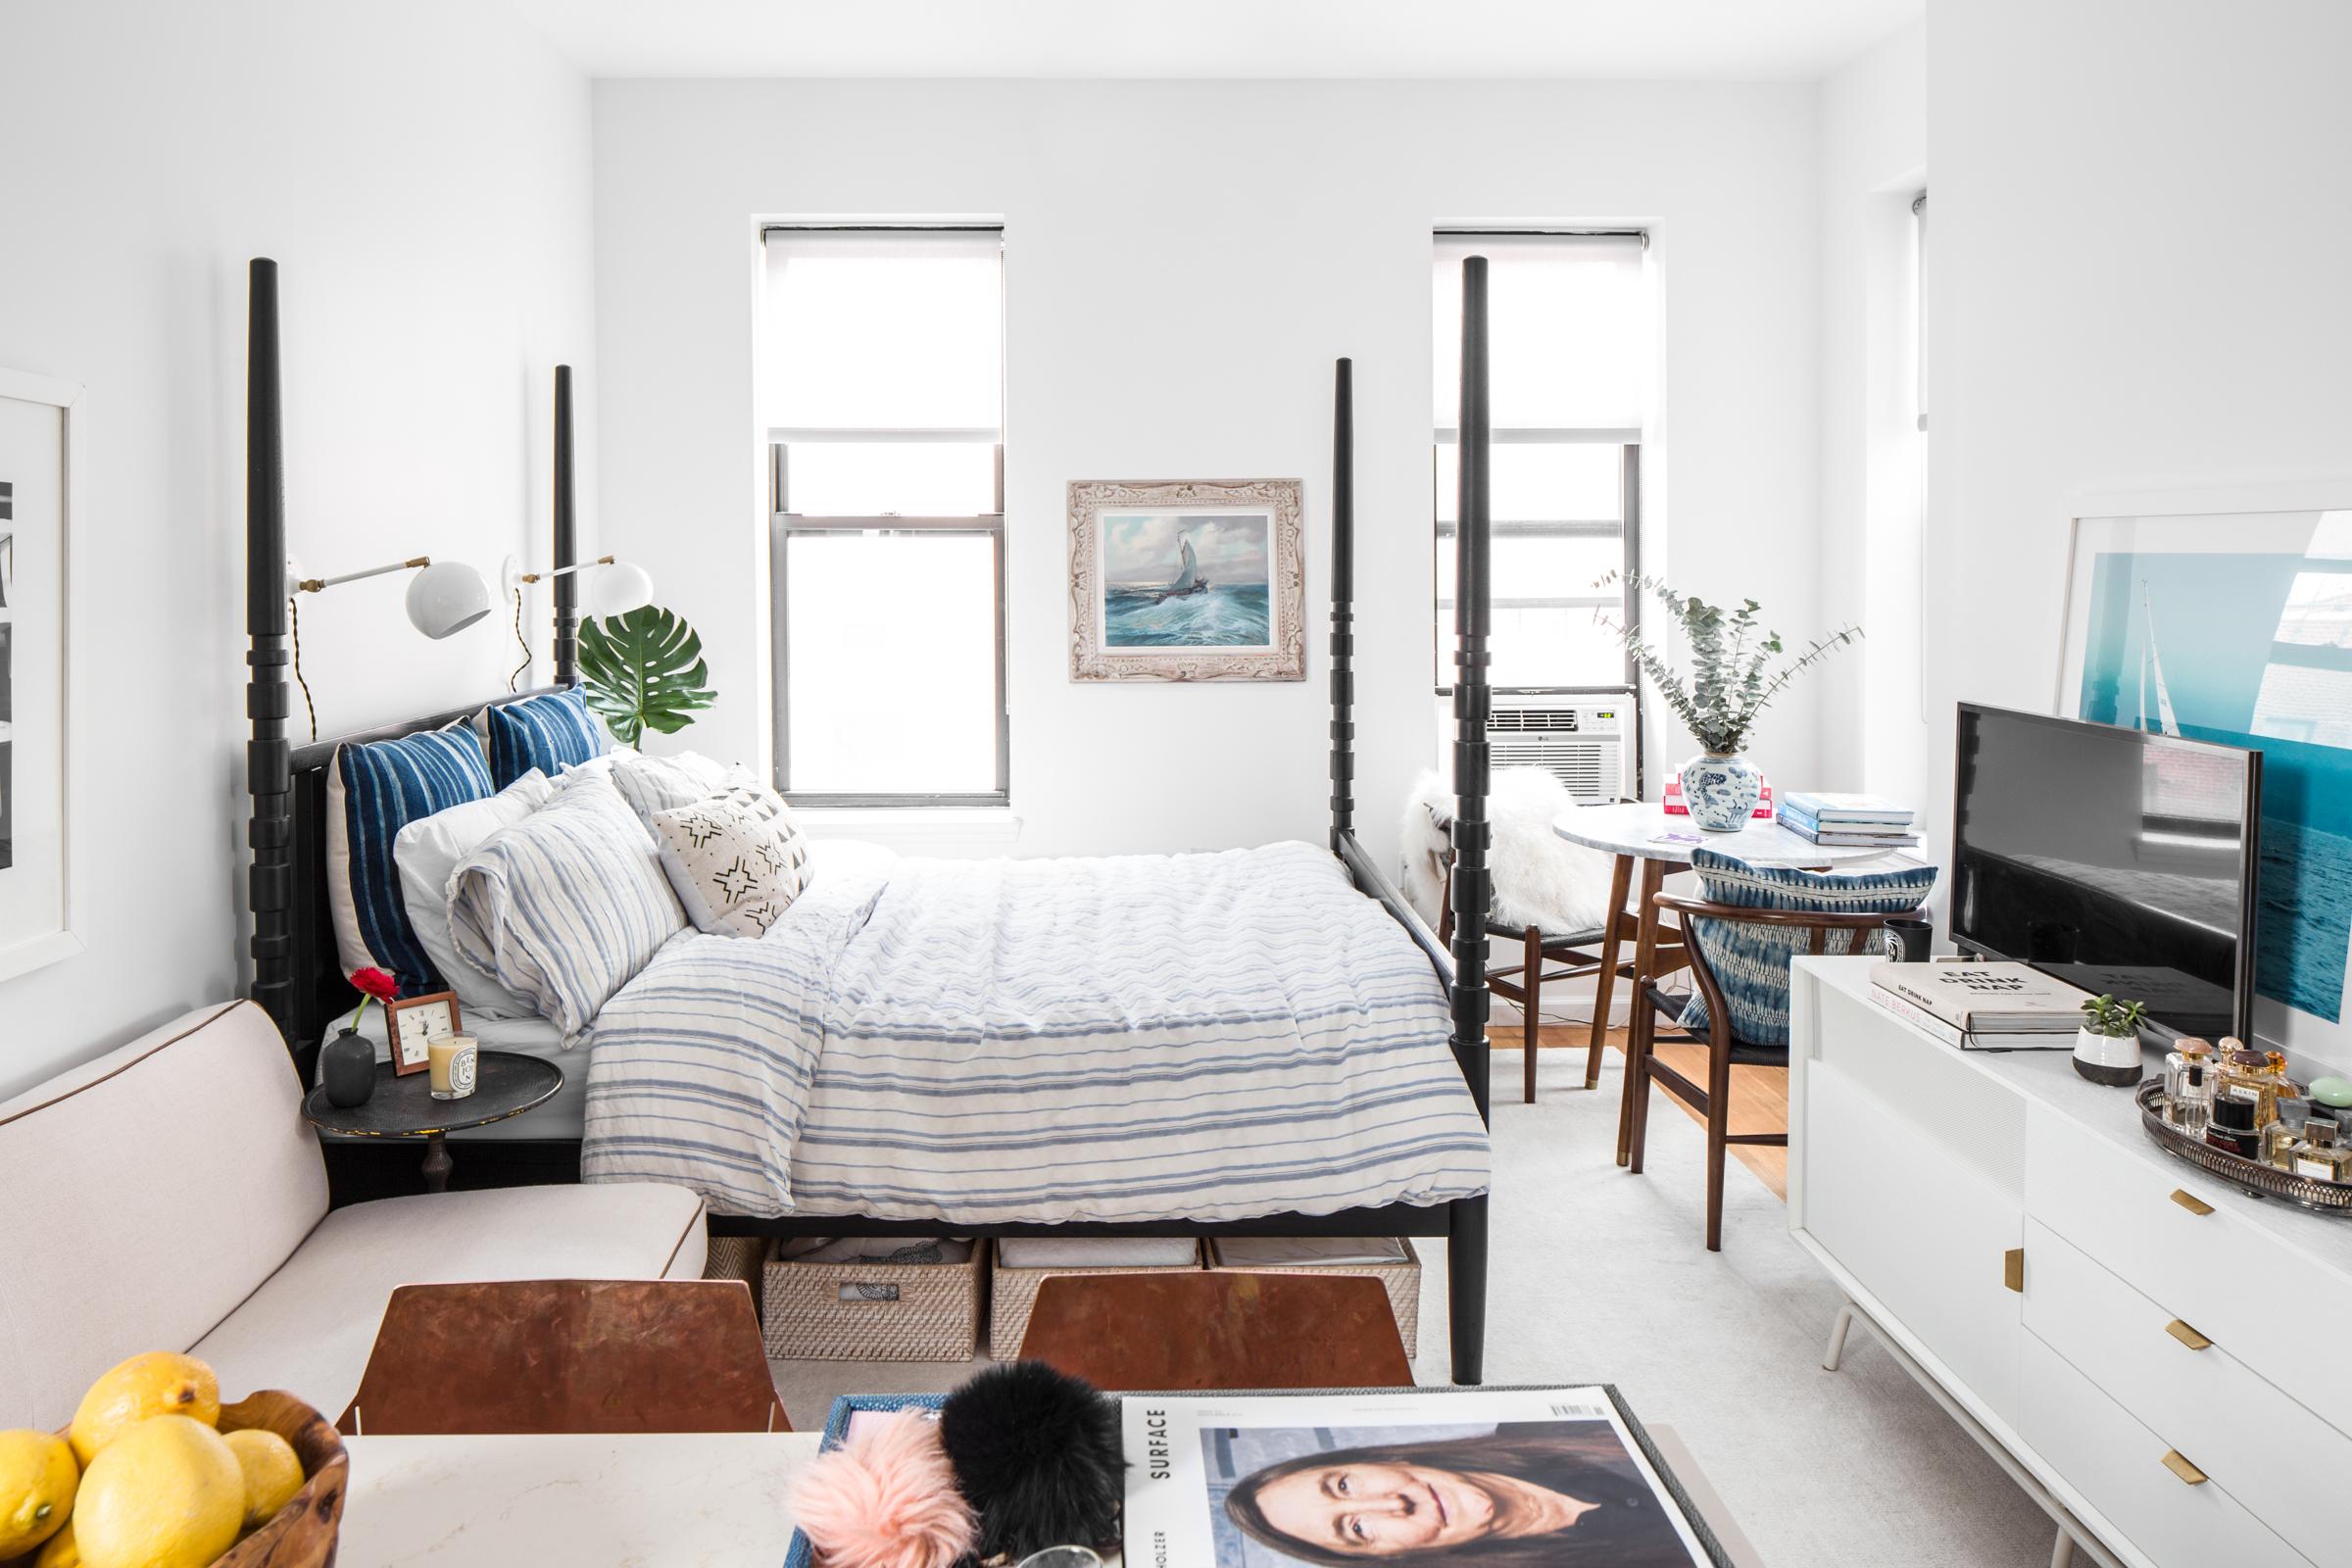 تصميم شقة صغيرة في نيويوك